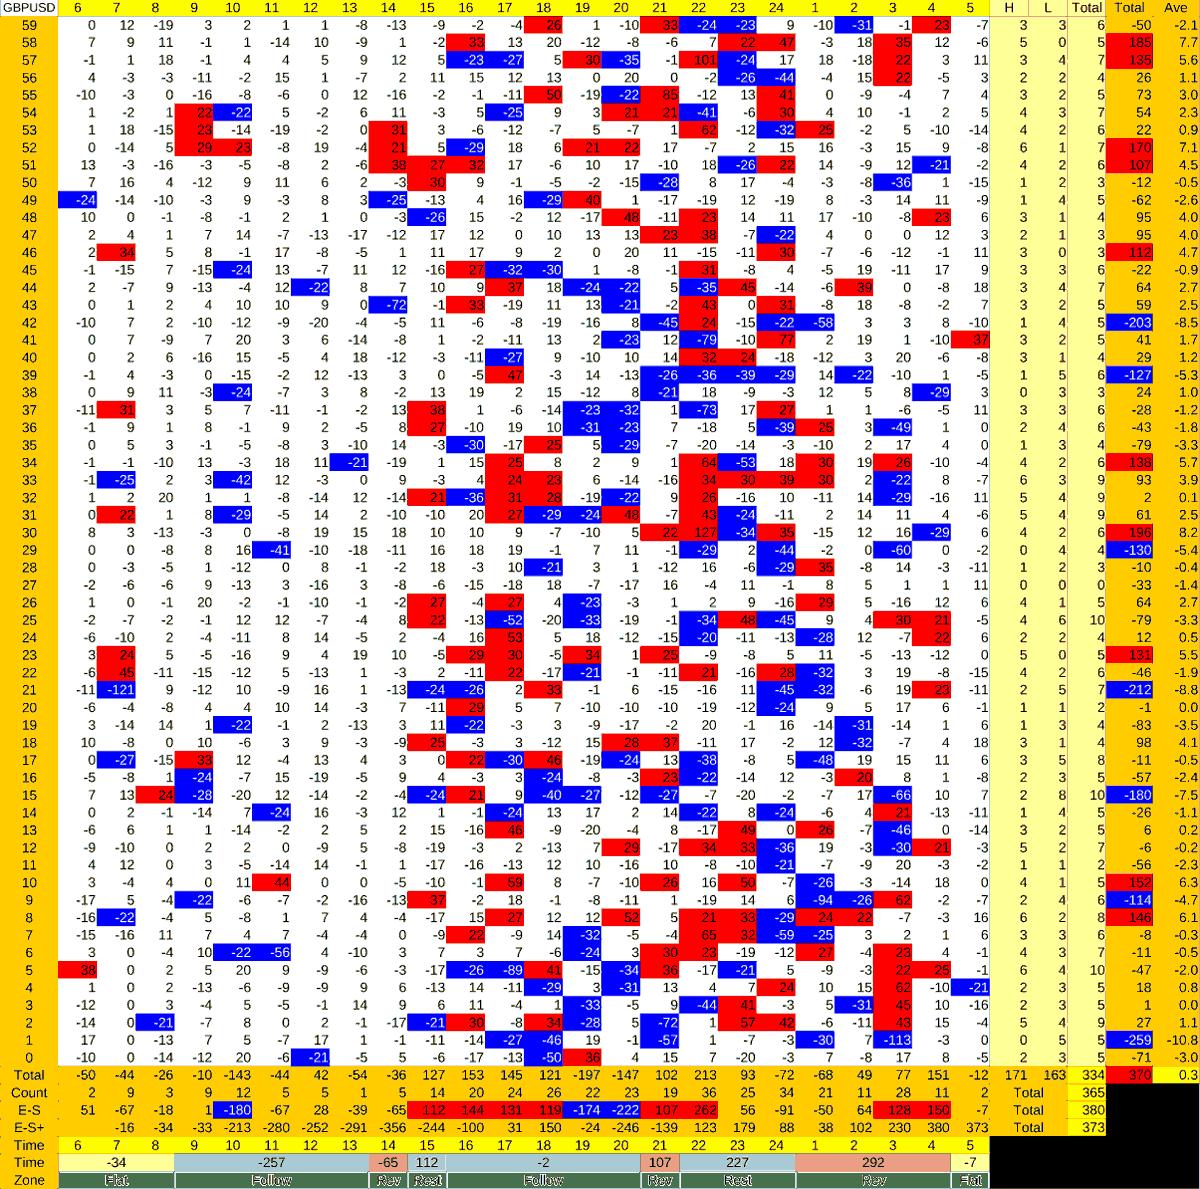 20210310_HS(2)GBPUSD